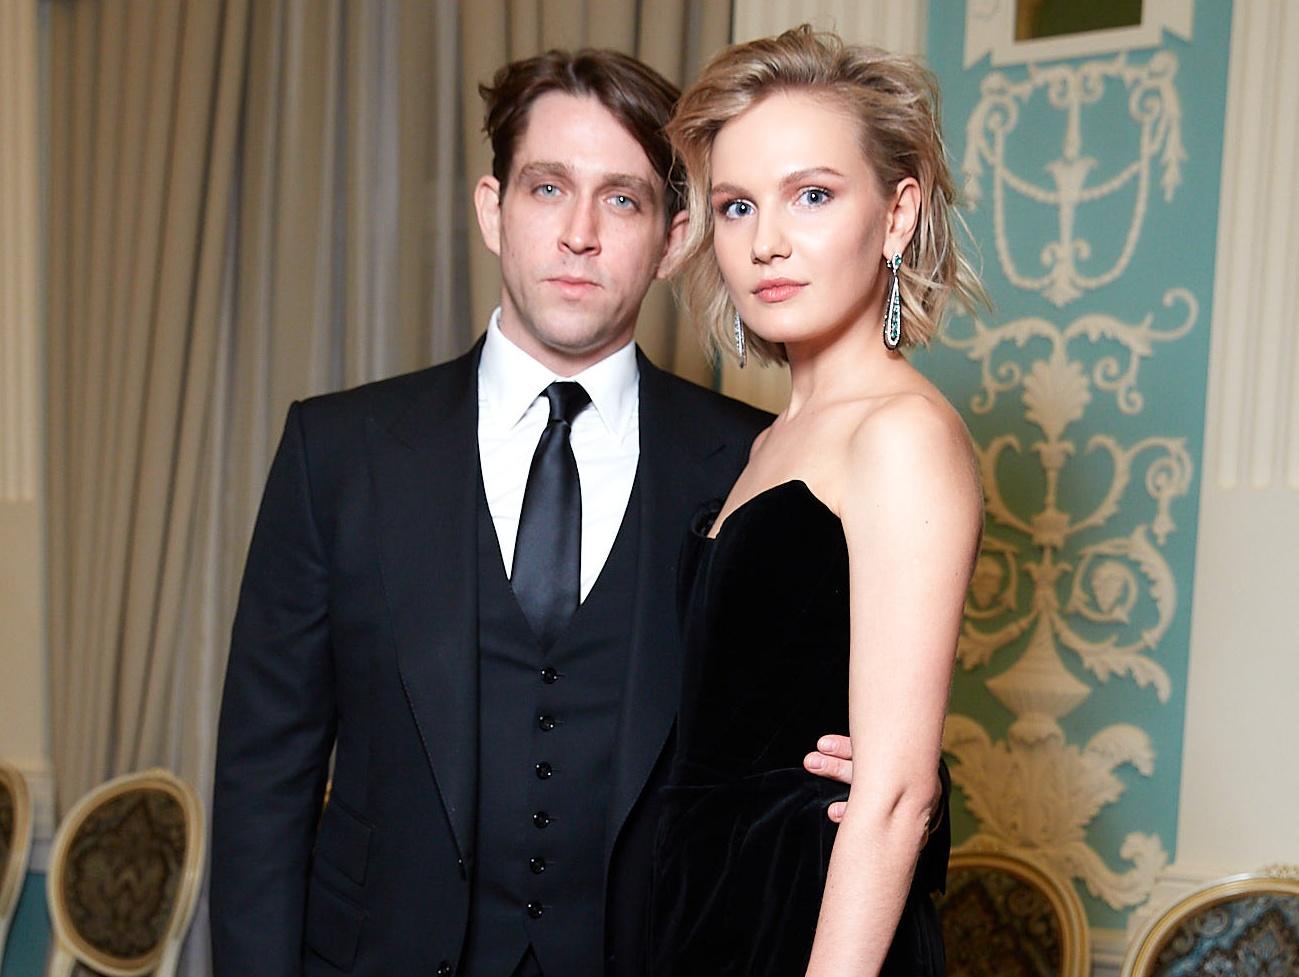 Актеры, которые поженились, развелись, стали родителями в 2018 году. Подводим итоги.